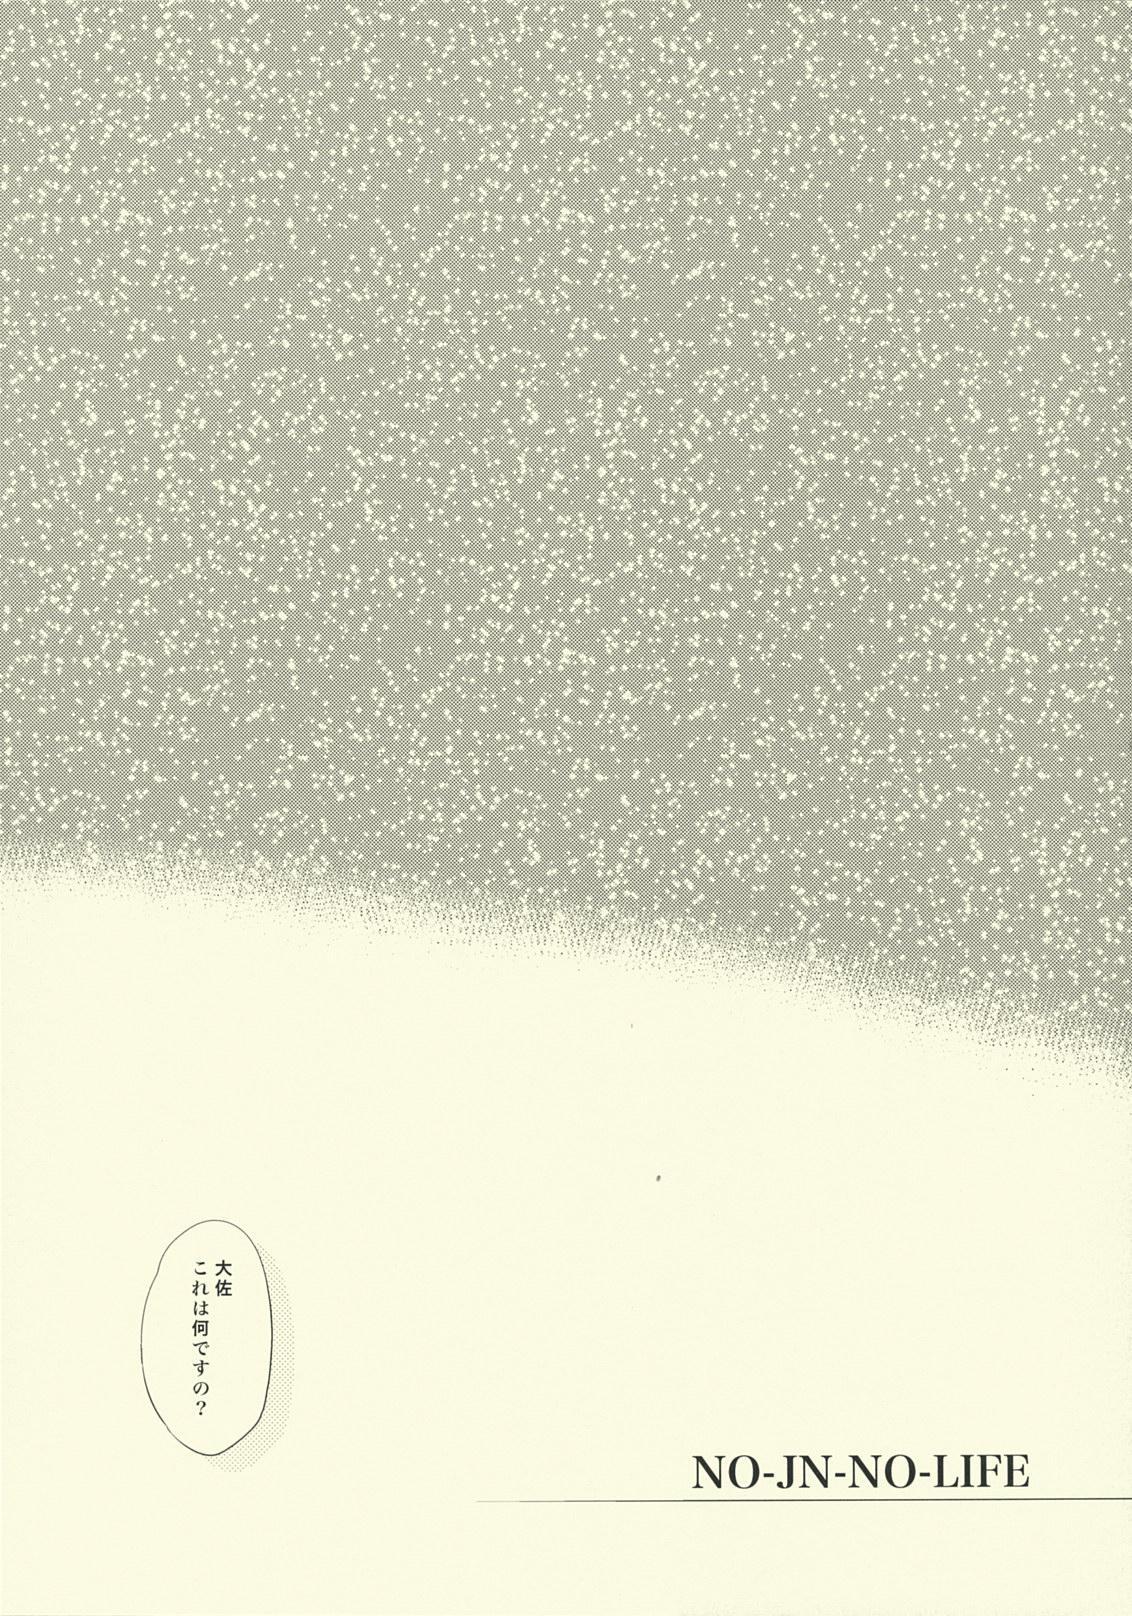 (SUPER18) [Shinsen Gokuraku (Shuragyoku Mami)] NO-JN-NO-LIFE (Tales of the Abyss) 3